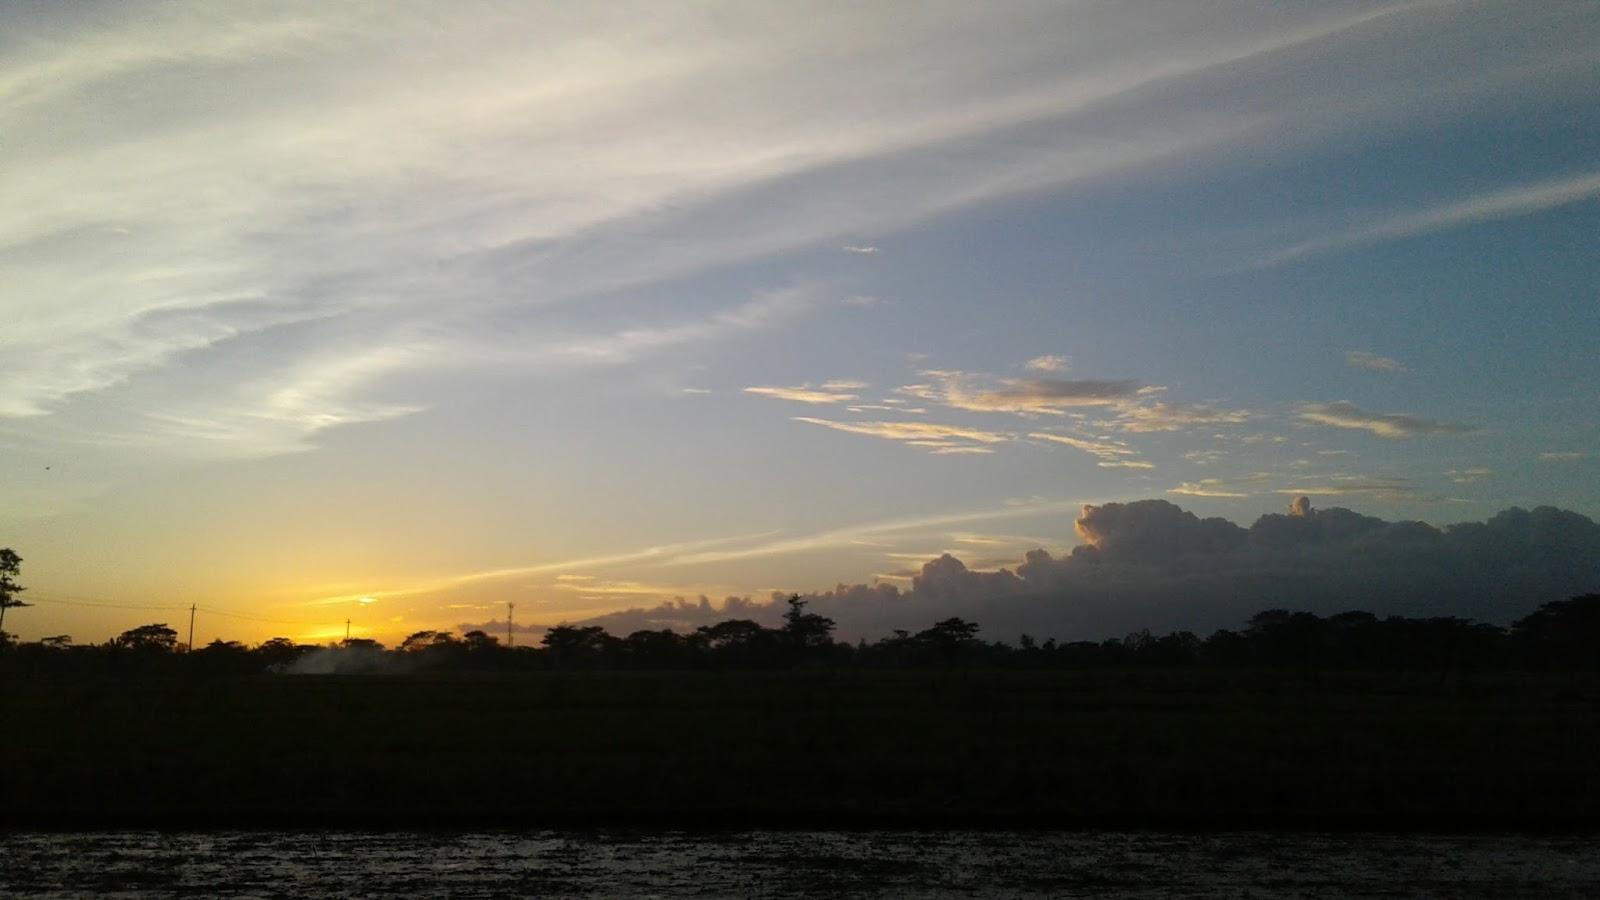 Melihat Indahnya Matahari Tenggelam Dari Desaku